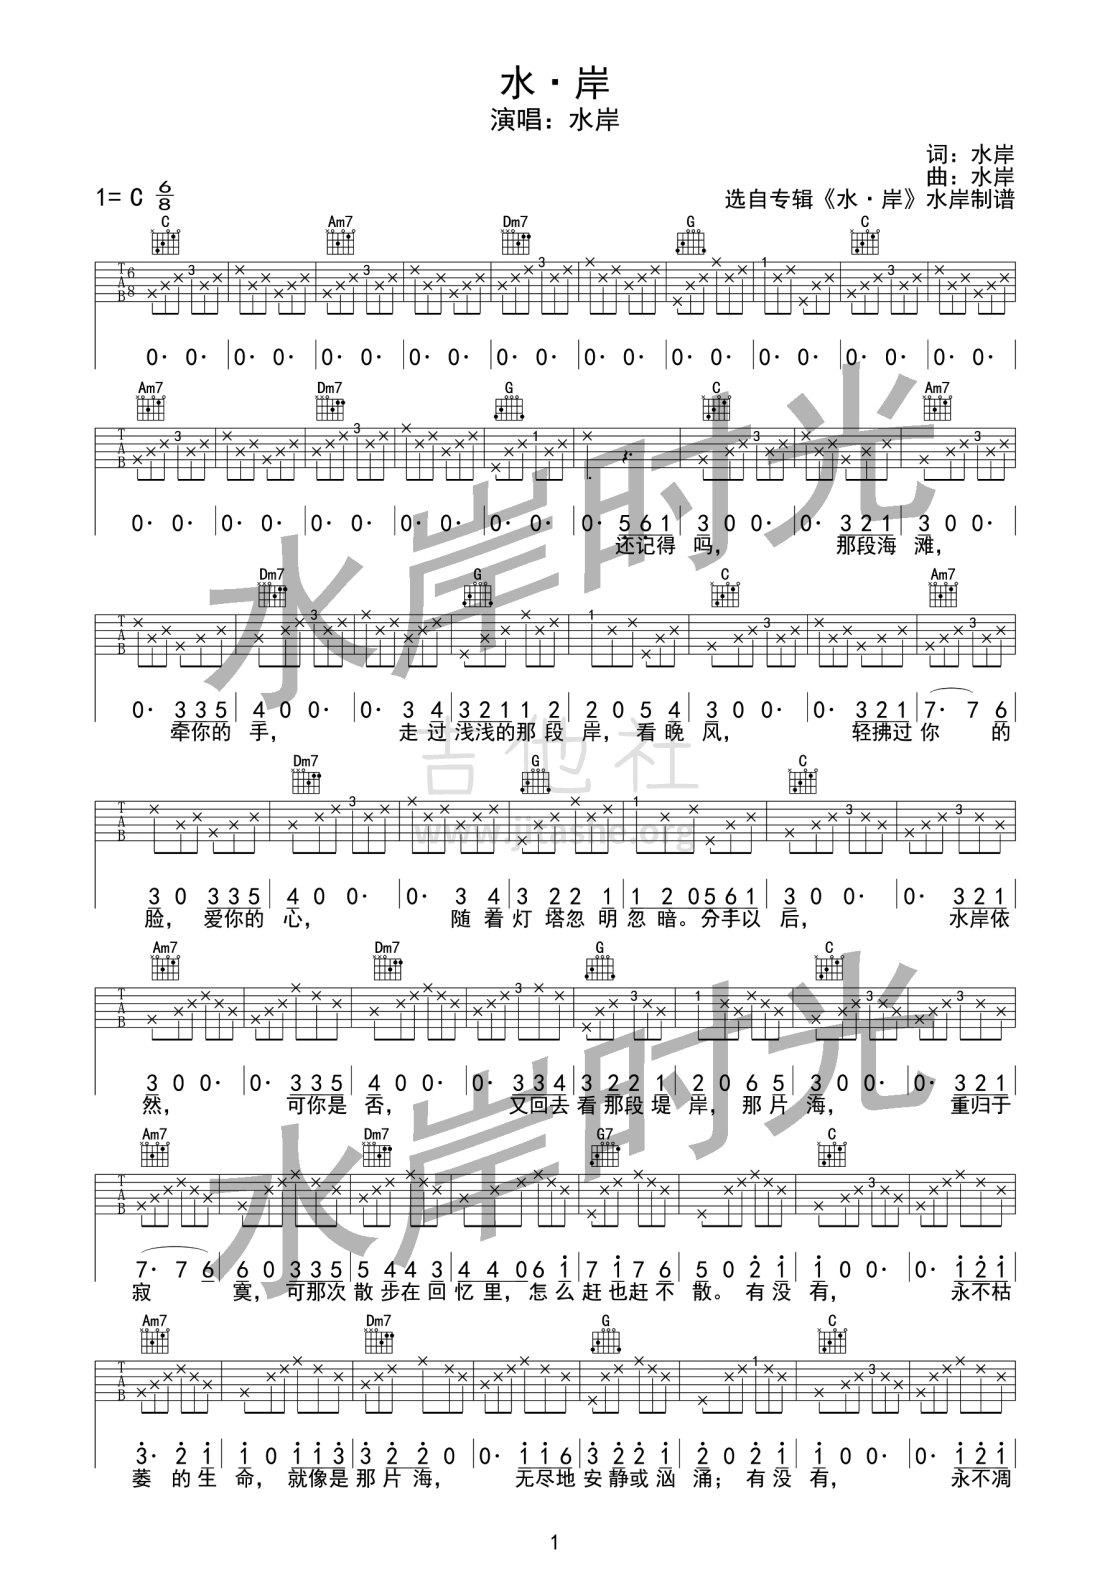 水·岸吉他谱(图片谱,原版,简单版,木吉他)_水岸_水·岸01.jpg